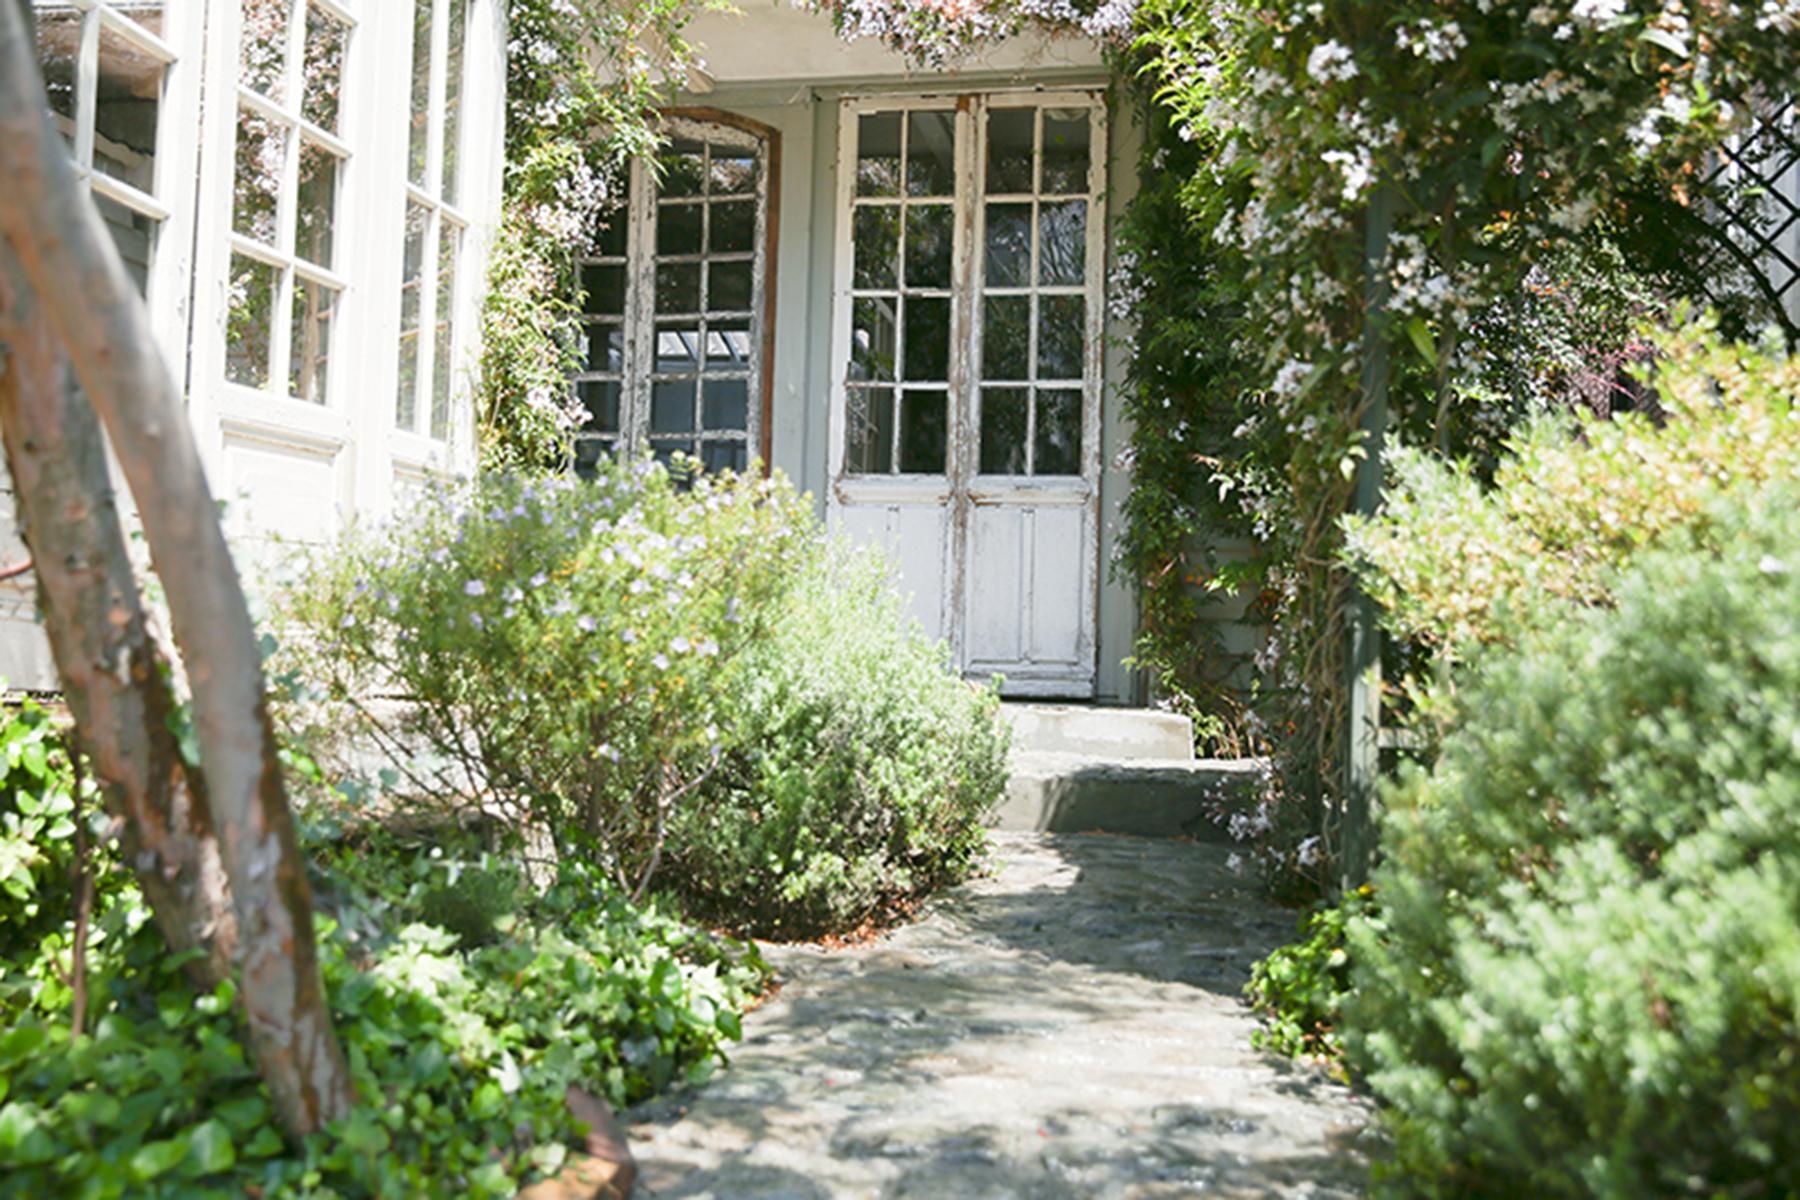 スタジオQue目黒碑文谷 (スタジオキュー)コンクリートの階段